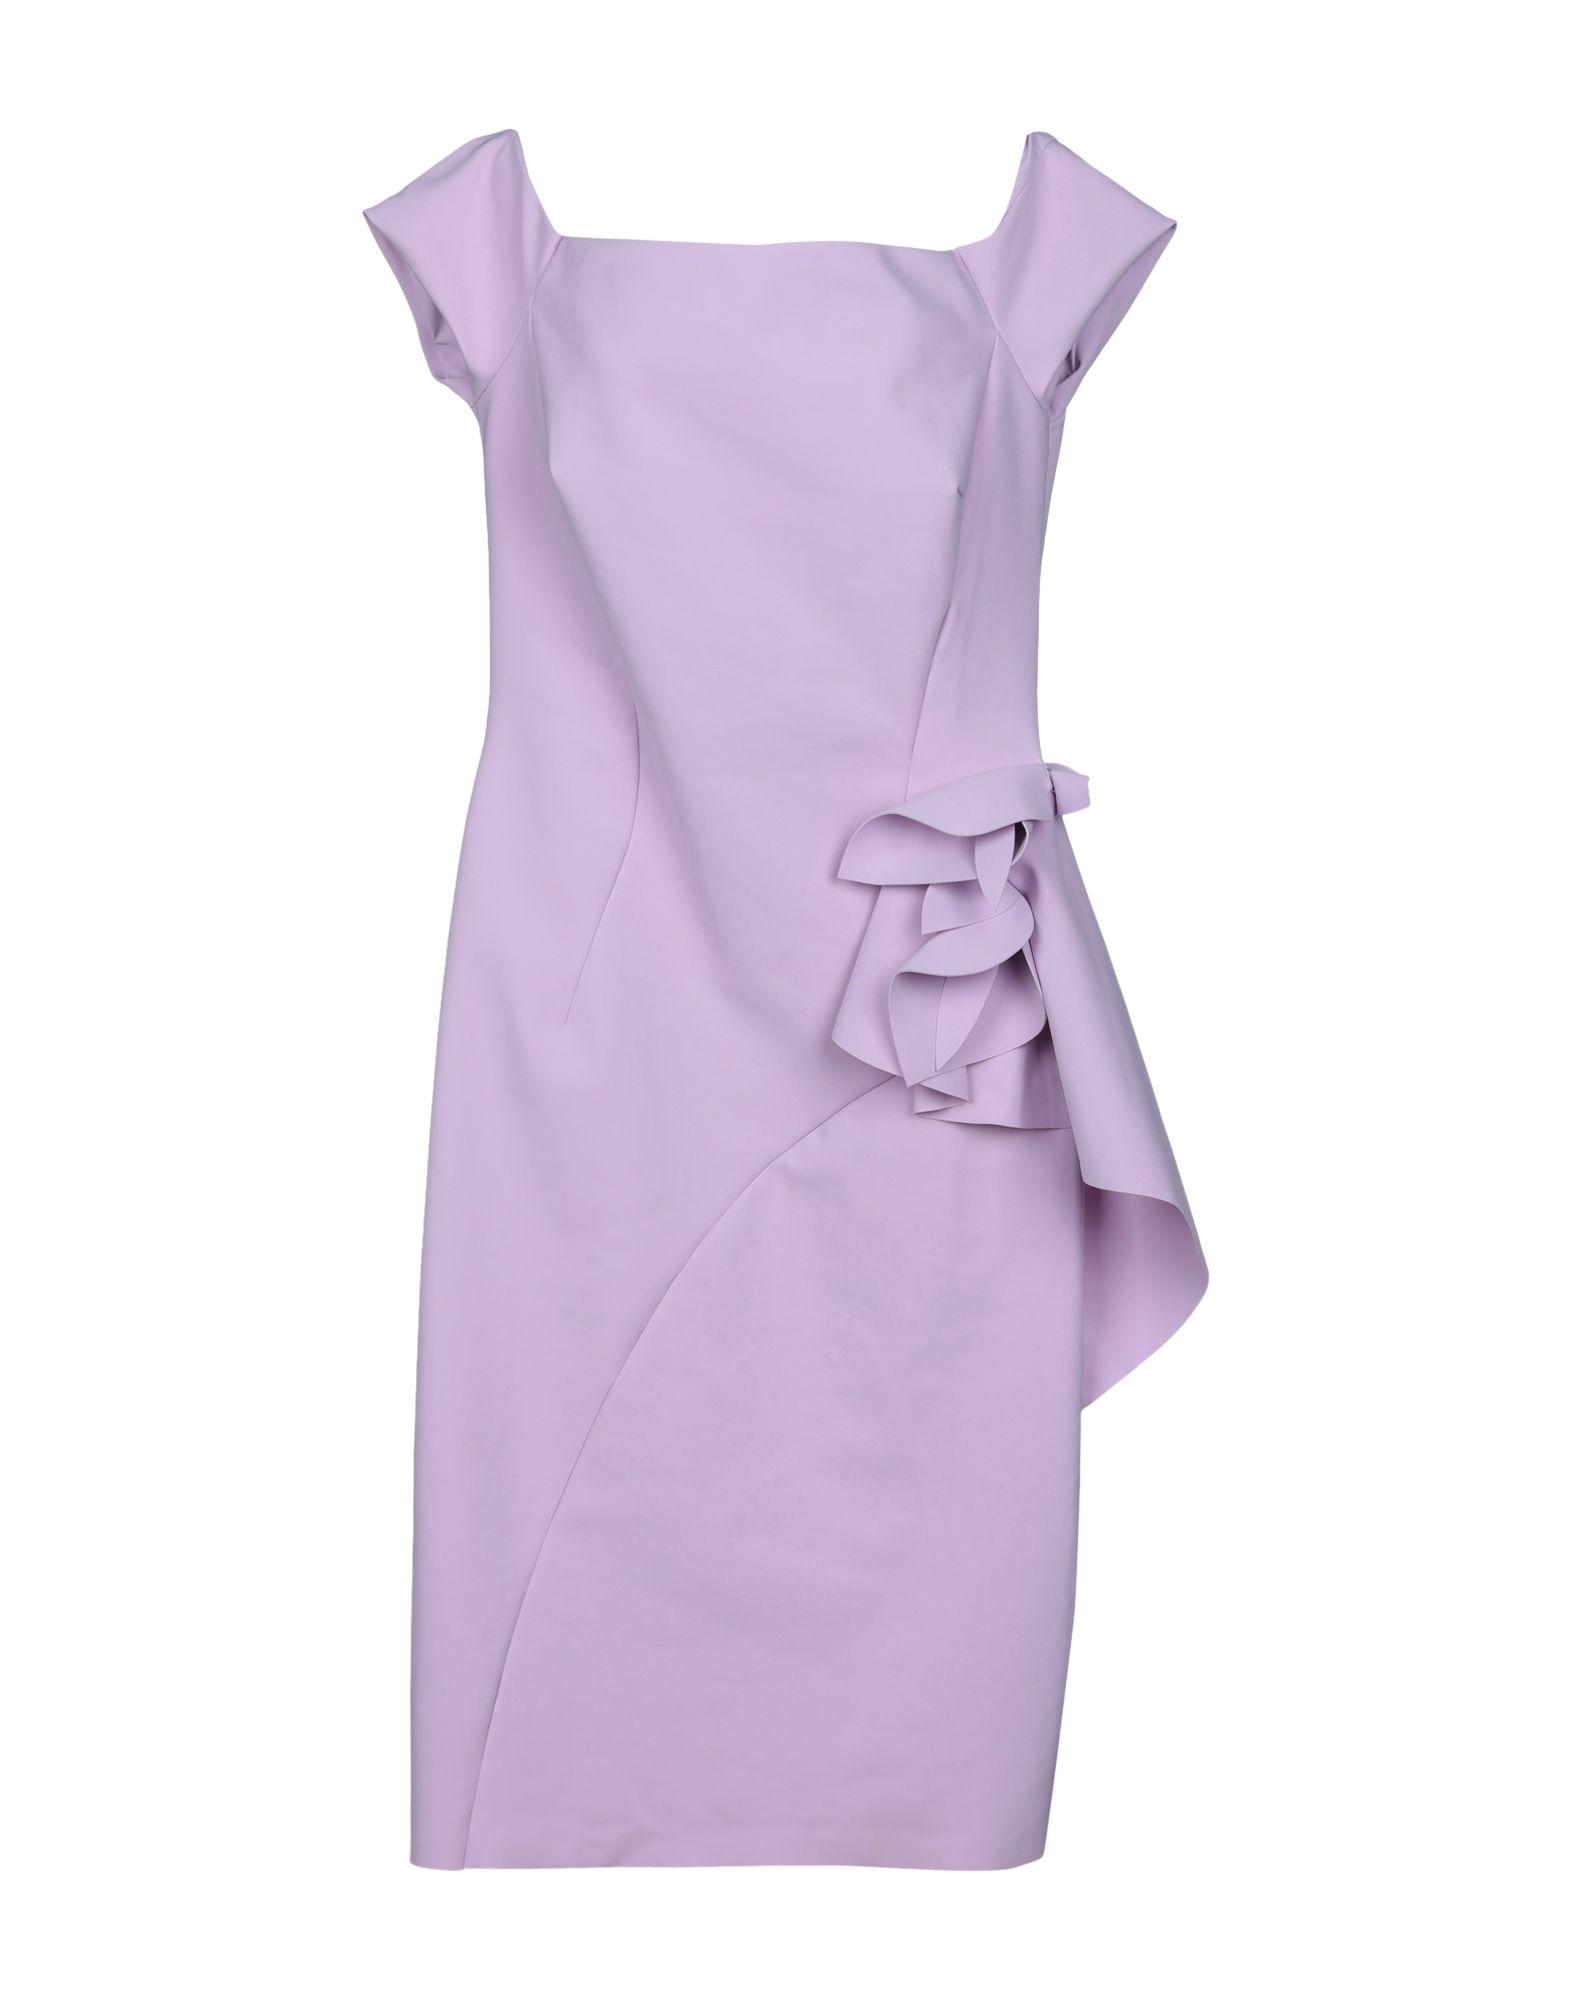 CHIARA BONI LA PETITE ROBE Платье длиной 3/4 трусики 4 или 8 штук quelle petite fleur 636846